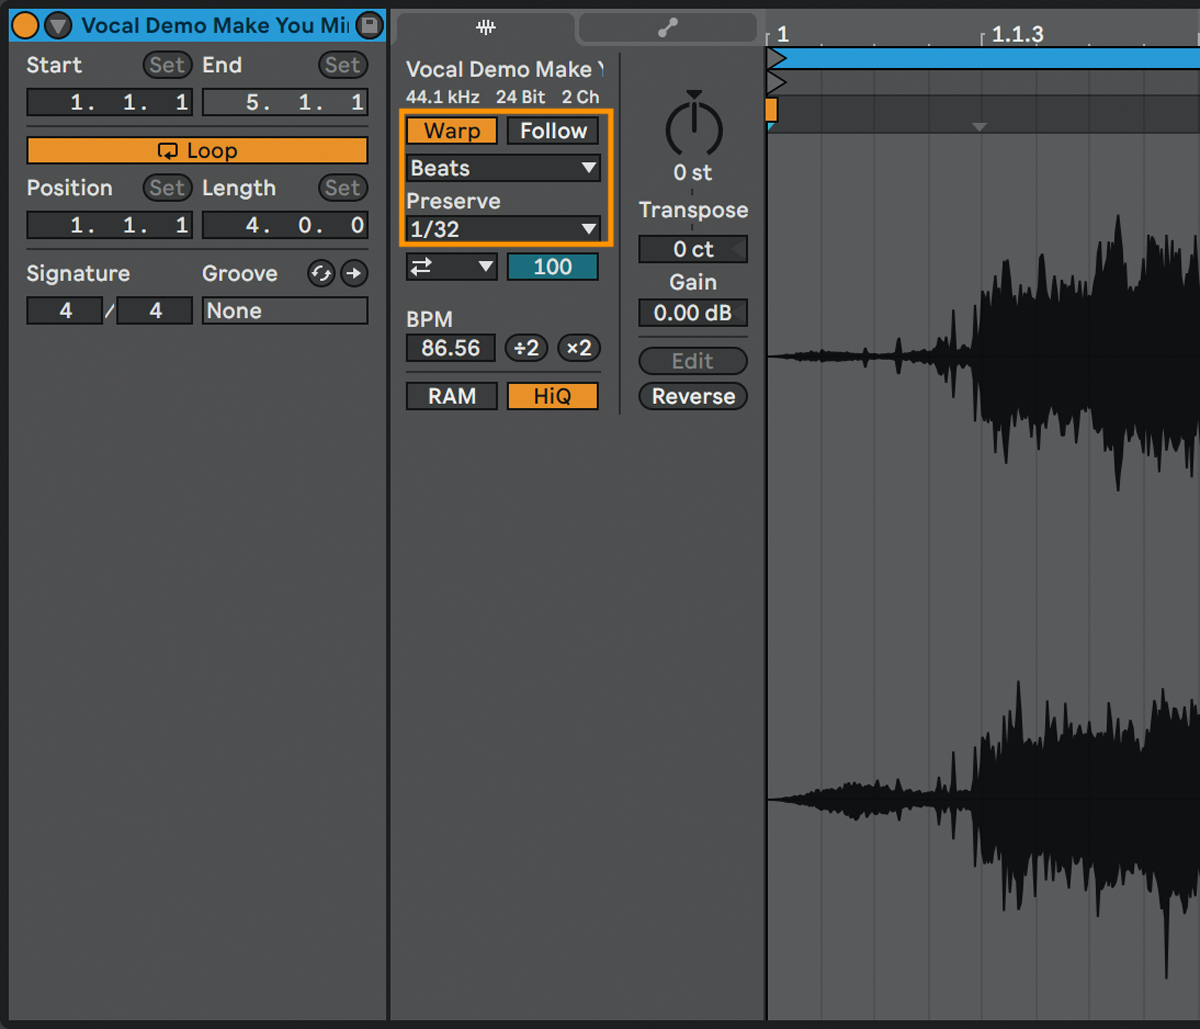 オーディオ編集画面のSampleタブで、Warpをオン→その下の選択タブでBeatsを選択→Preserveで拍数を設定。こうすることで、Warpマーカーはトランジェント単位ではなく指定した拍の長さに設定され、独特の効果を得ることができる(橙枠)